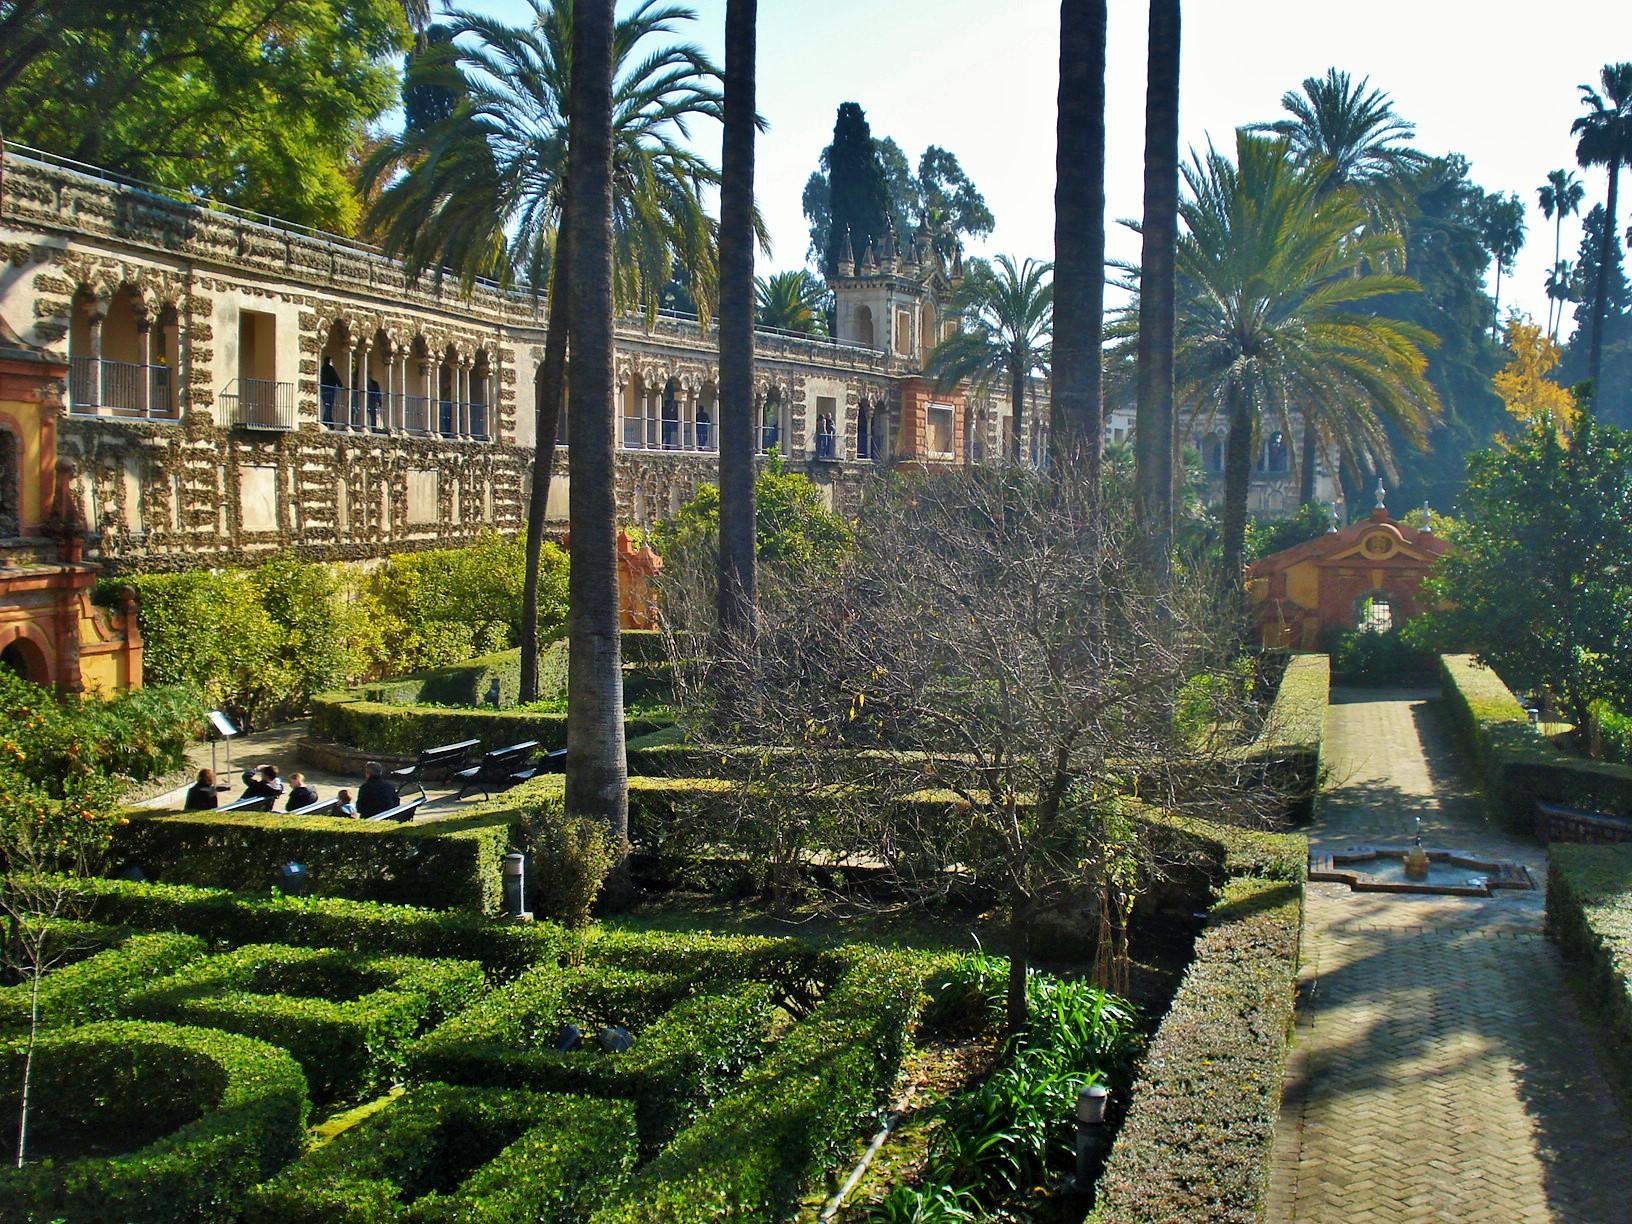 Sevilla's Alcazar: Ladies Garden and Hydraulic Organ in the Mannierist Gardens